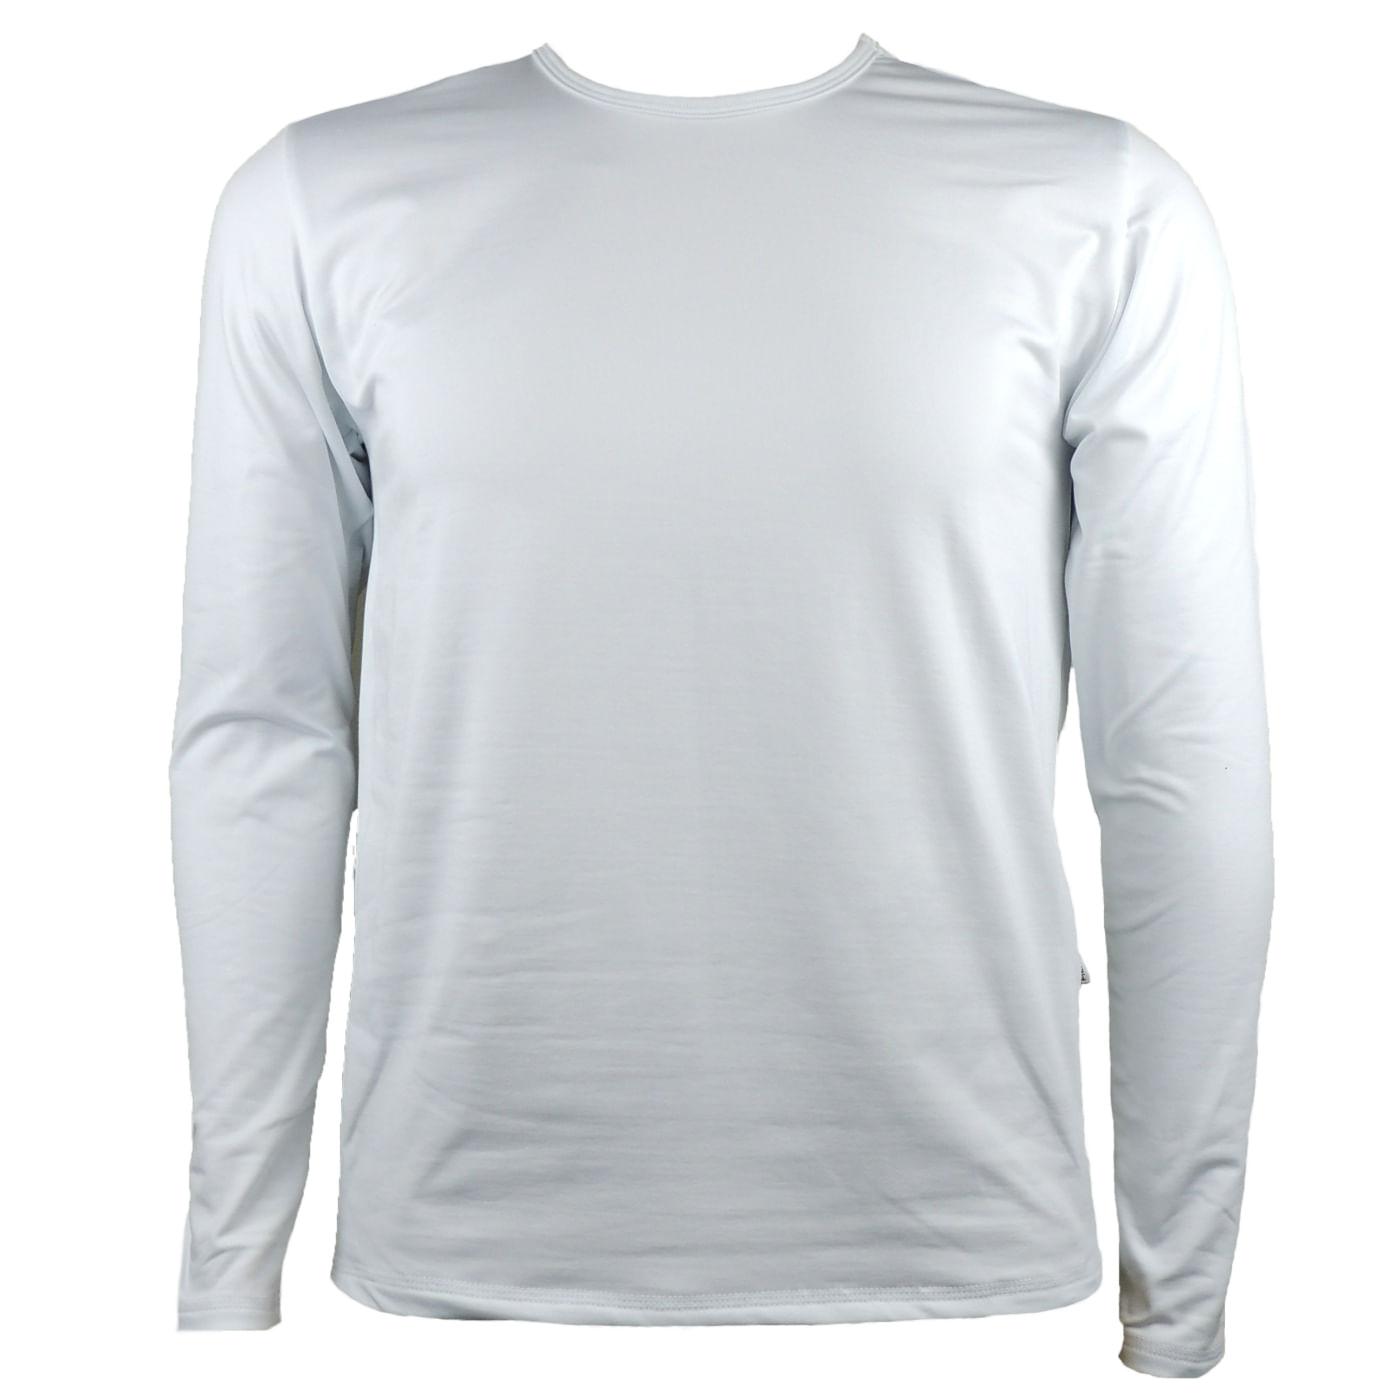 Blusa Térmica Masculina na Cor Branca  6f6badb111d3d